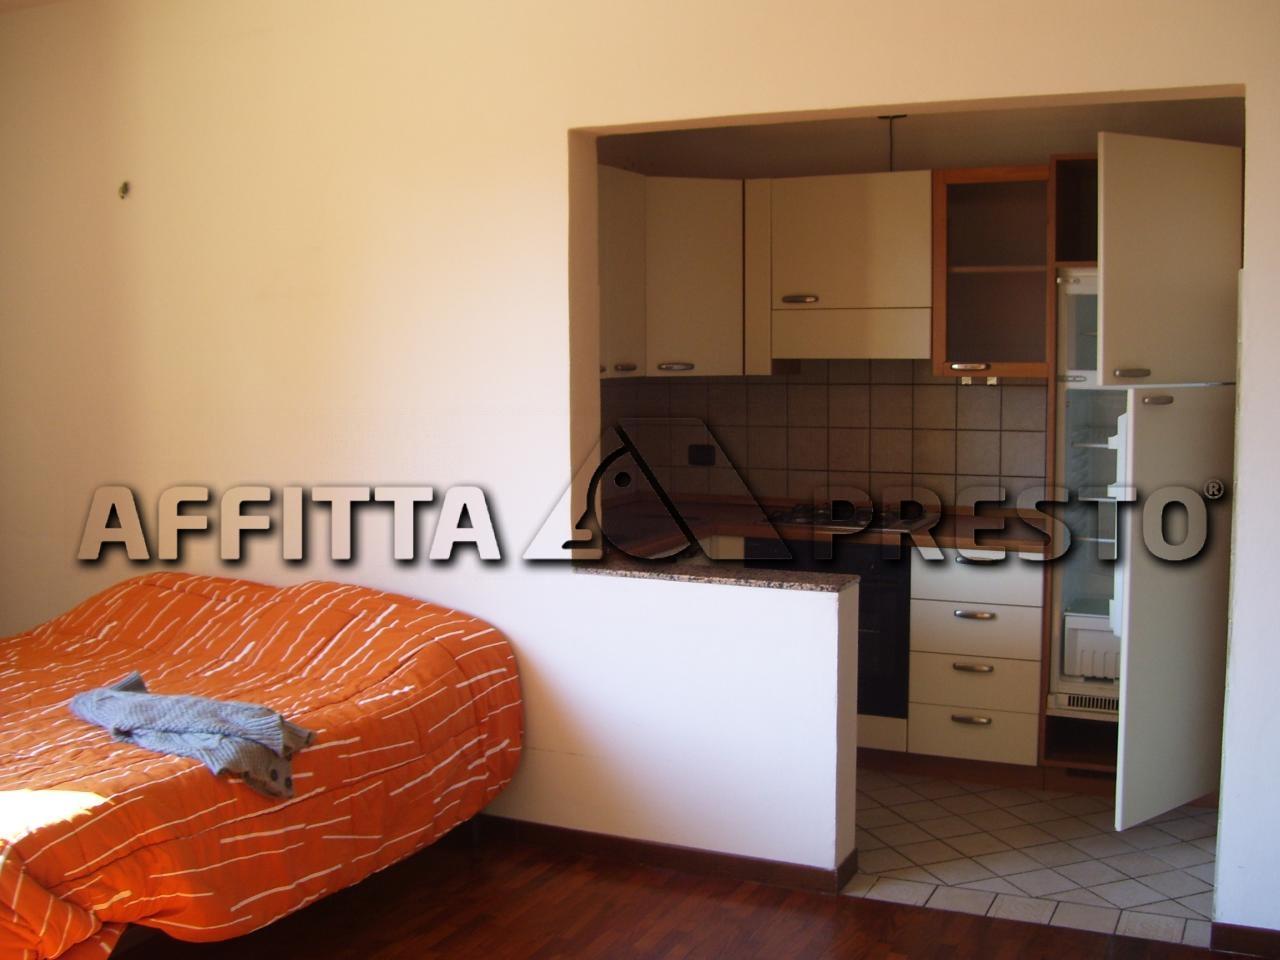 Appartamento in affitto a Cesena, 1 locali, zona Località: CASEFINALI, prezzo € 440 | Cambio Casa.it